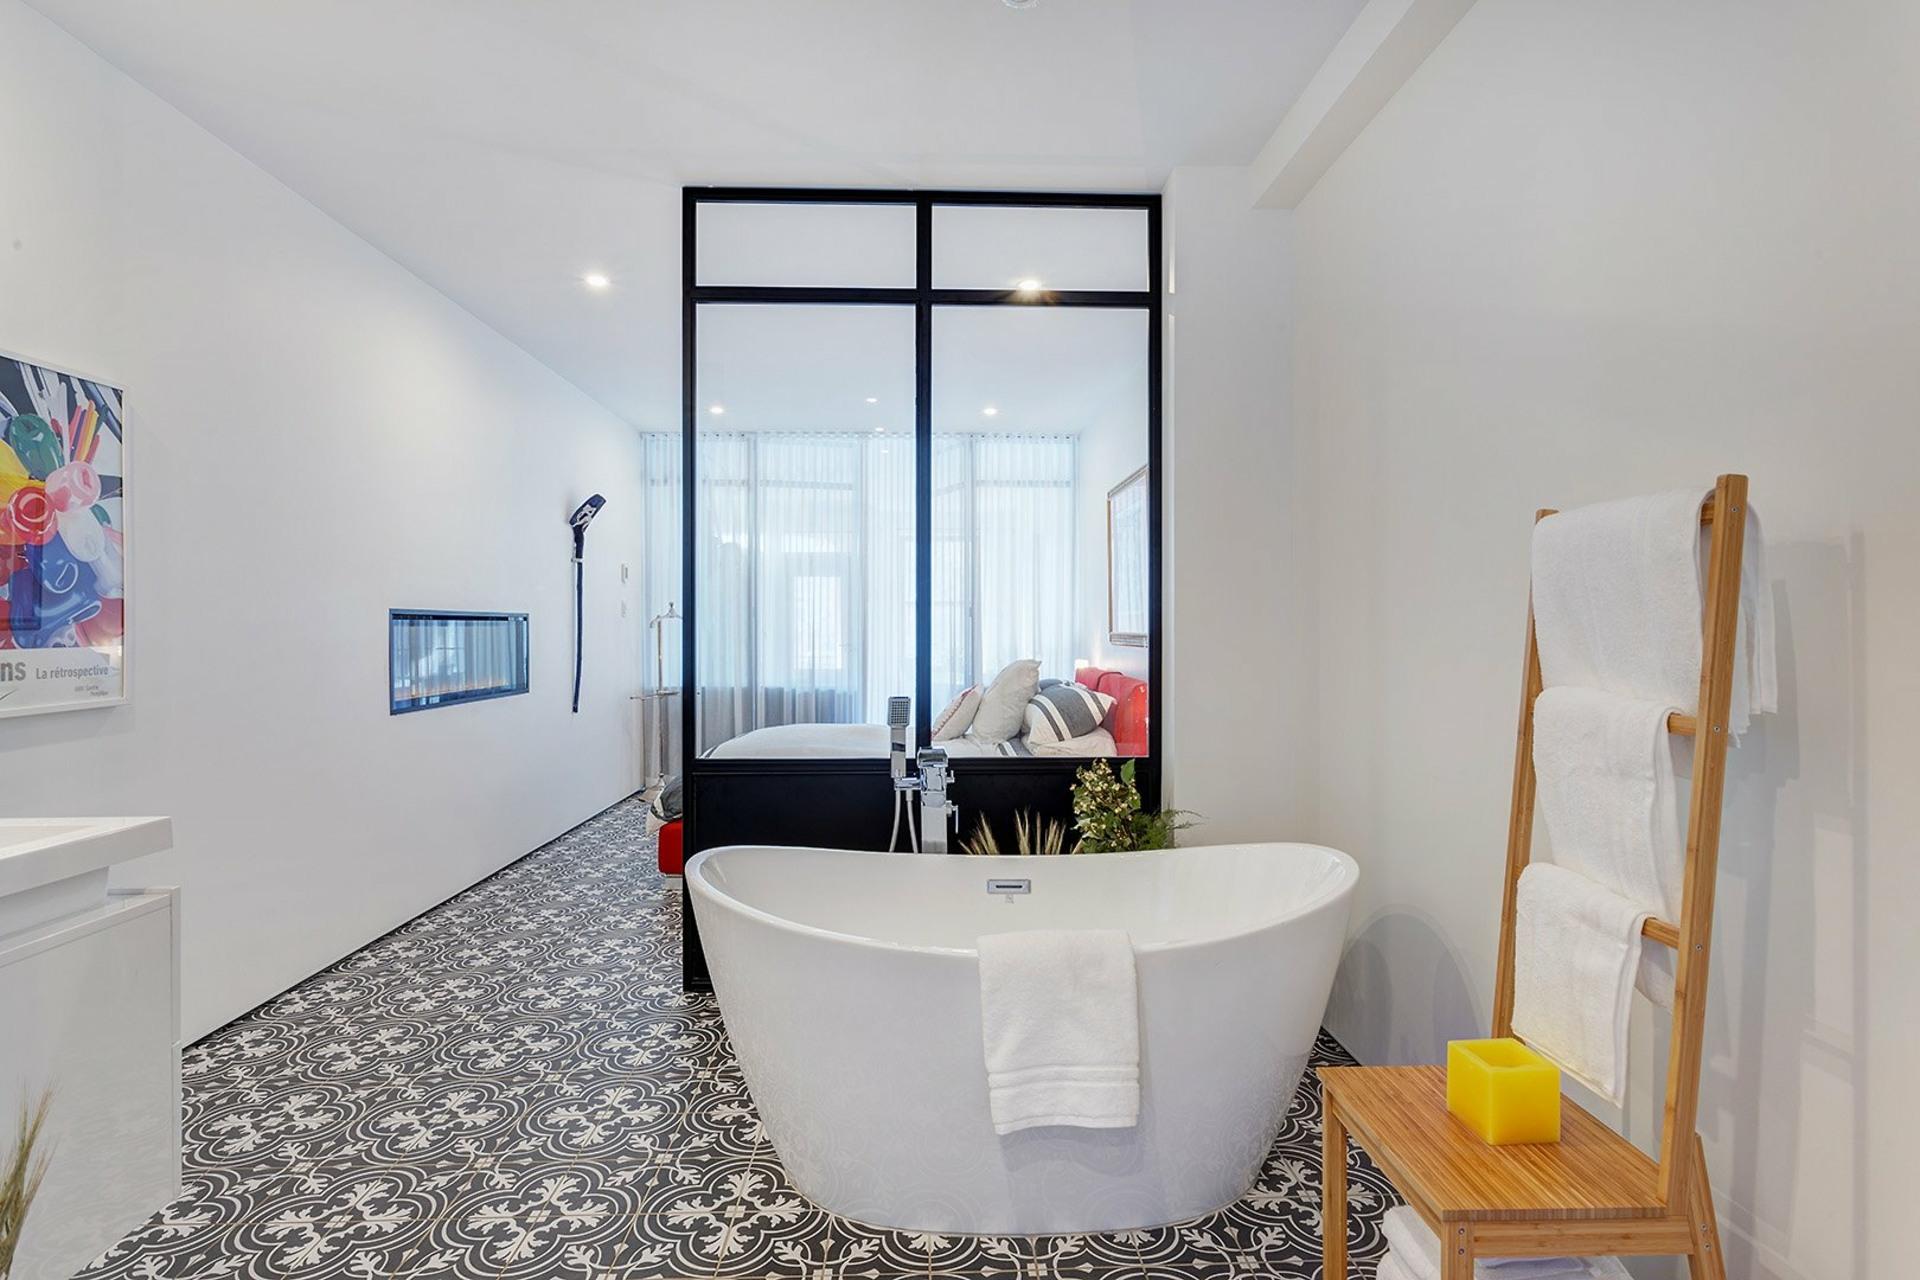 image 10 - Appartement À vendre Rosemont/La Petite-Patrie Montréal  - 13 pièces